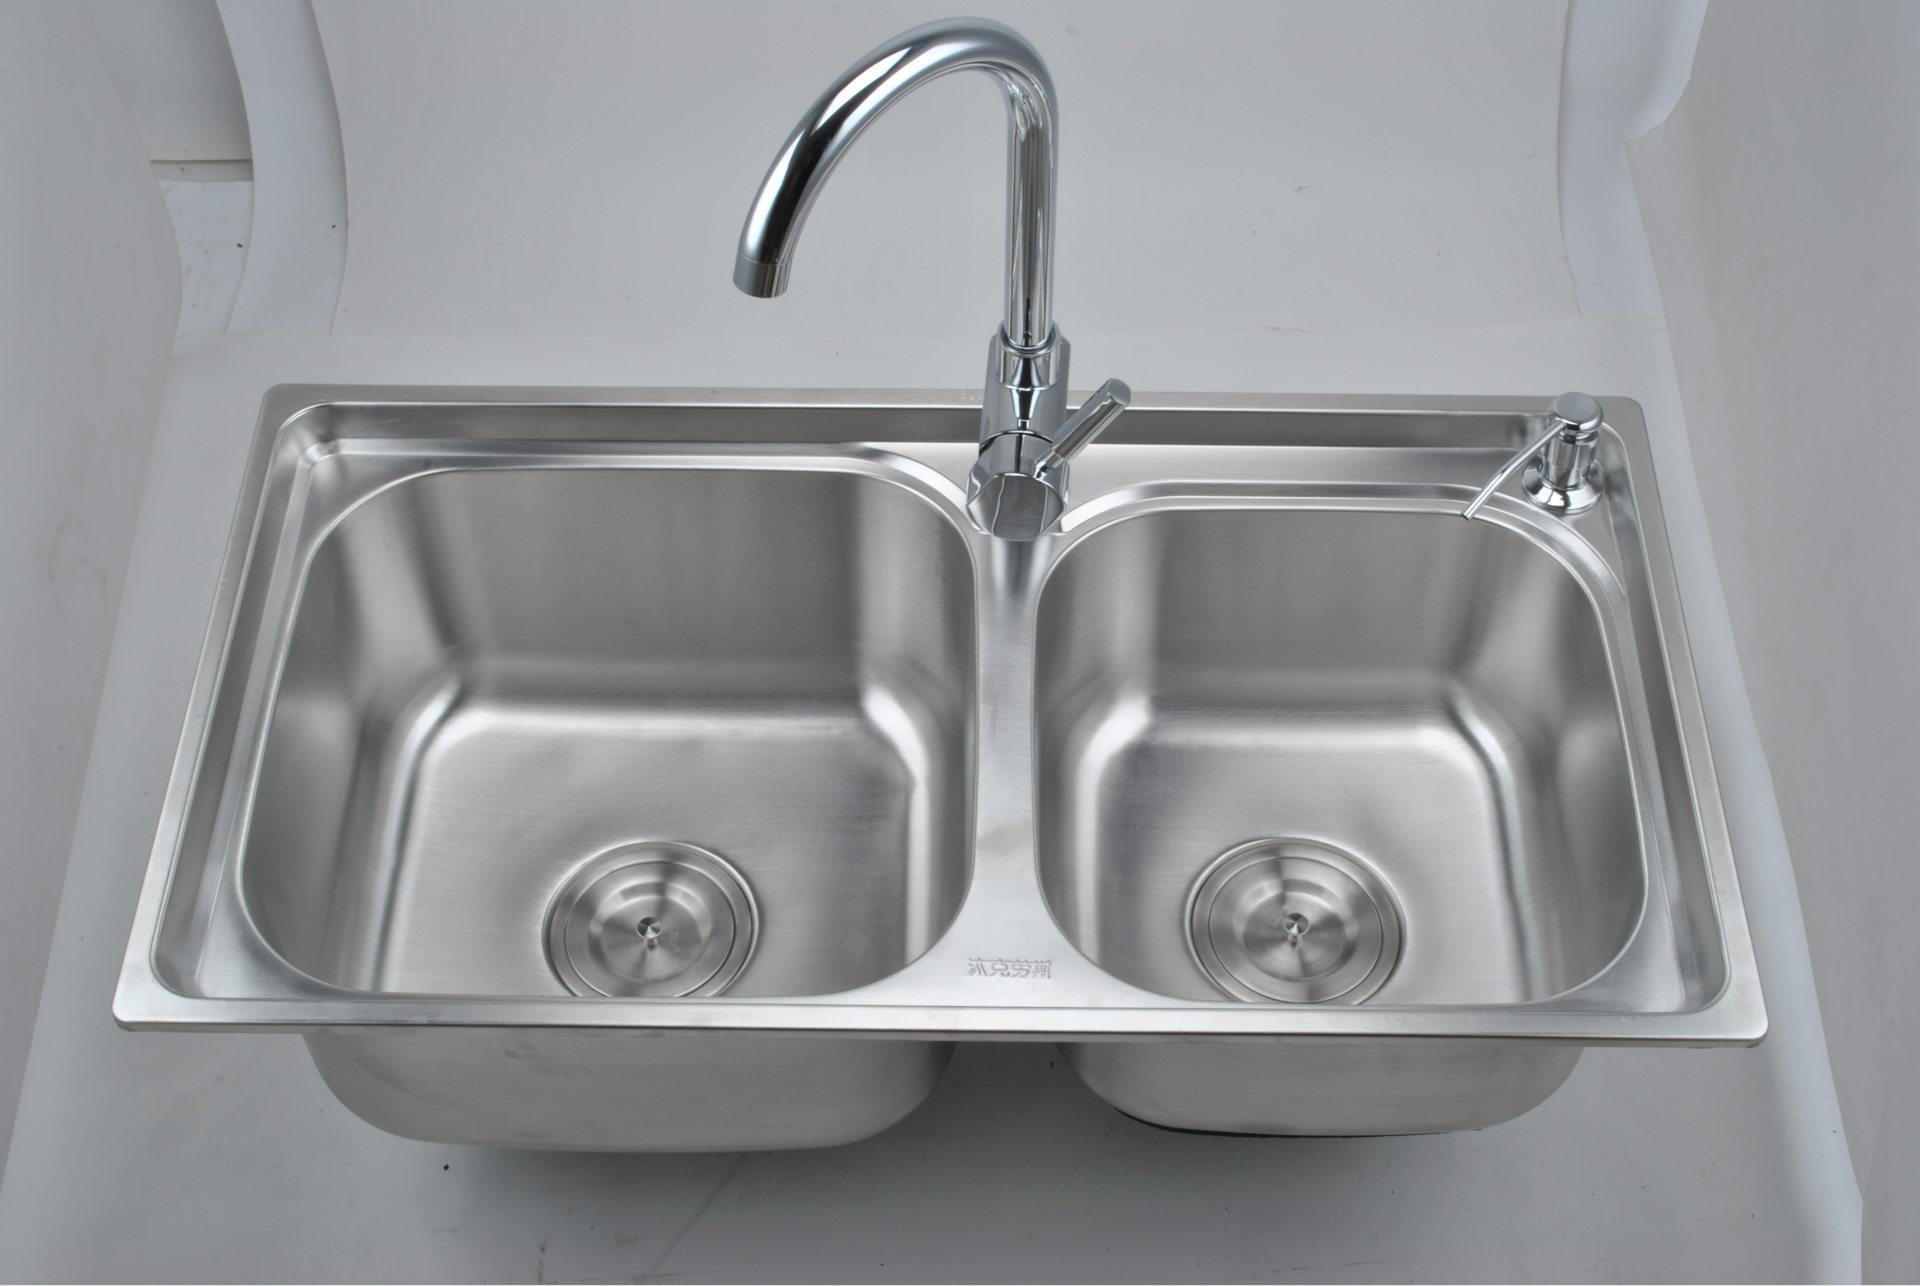 square kitchen sink broan hood 不锈钢洗手池【图片 价格 包邮 视频】_淘宝助理